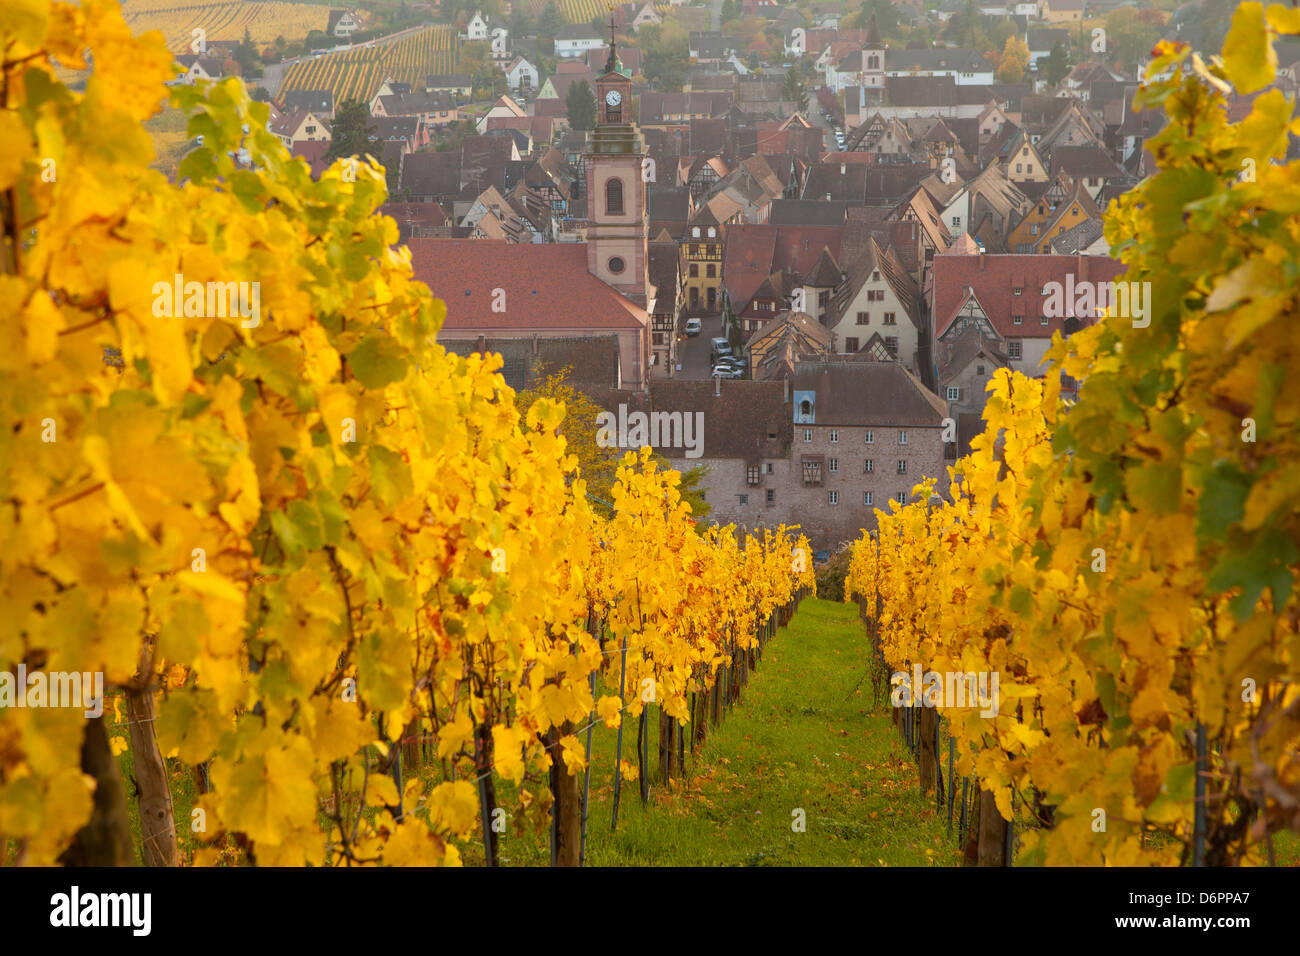 Vista de Riquewhir y viñedos en otoño, Riquewihr, Alsacia, Francia, Europa Foto de stock